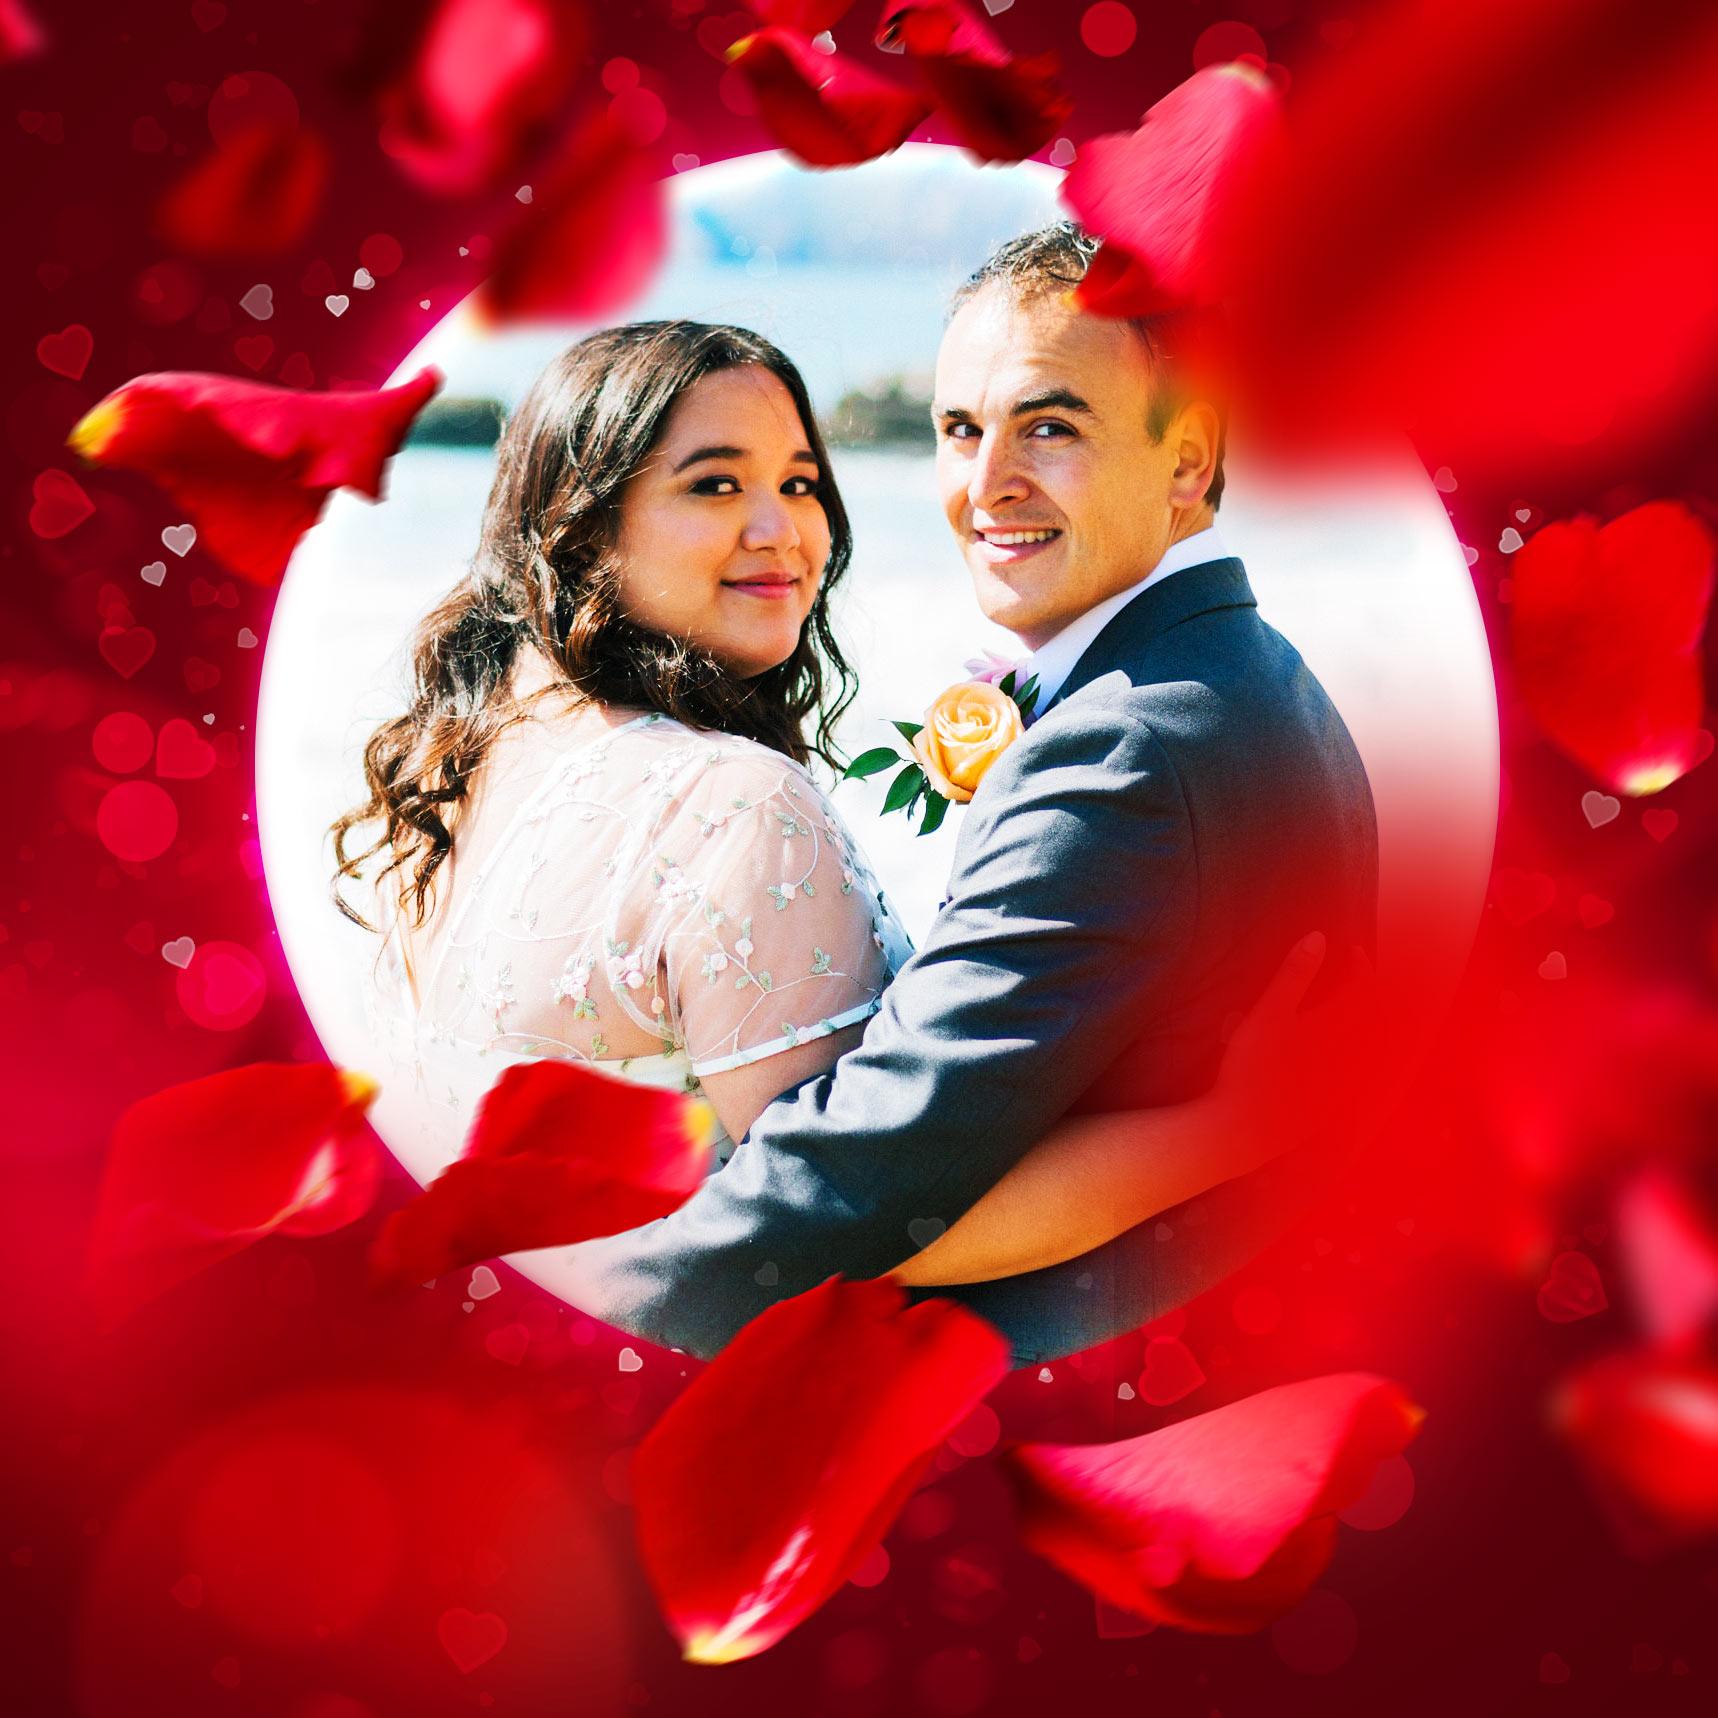 Foto eines Brautpaars, umgeben von einem Rahmen mit Rosenblättern und Herzbokeh, Beispiel zur Anwendung der Photoshop-Aktion